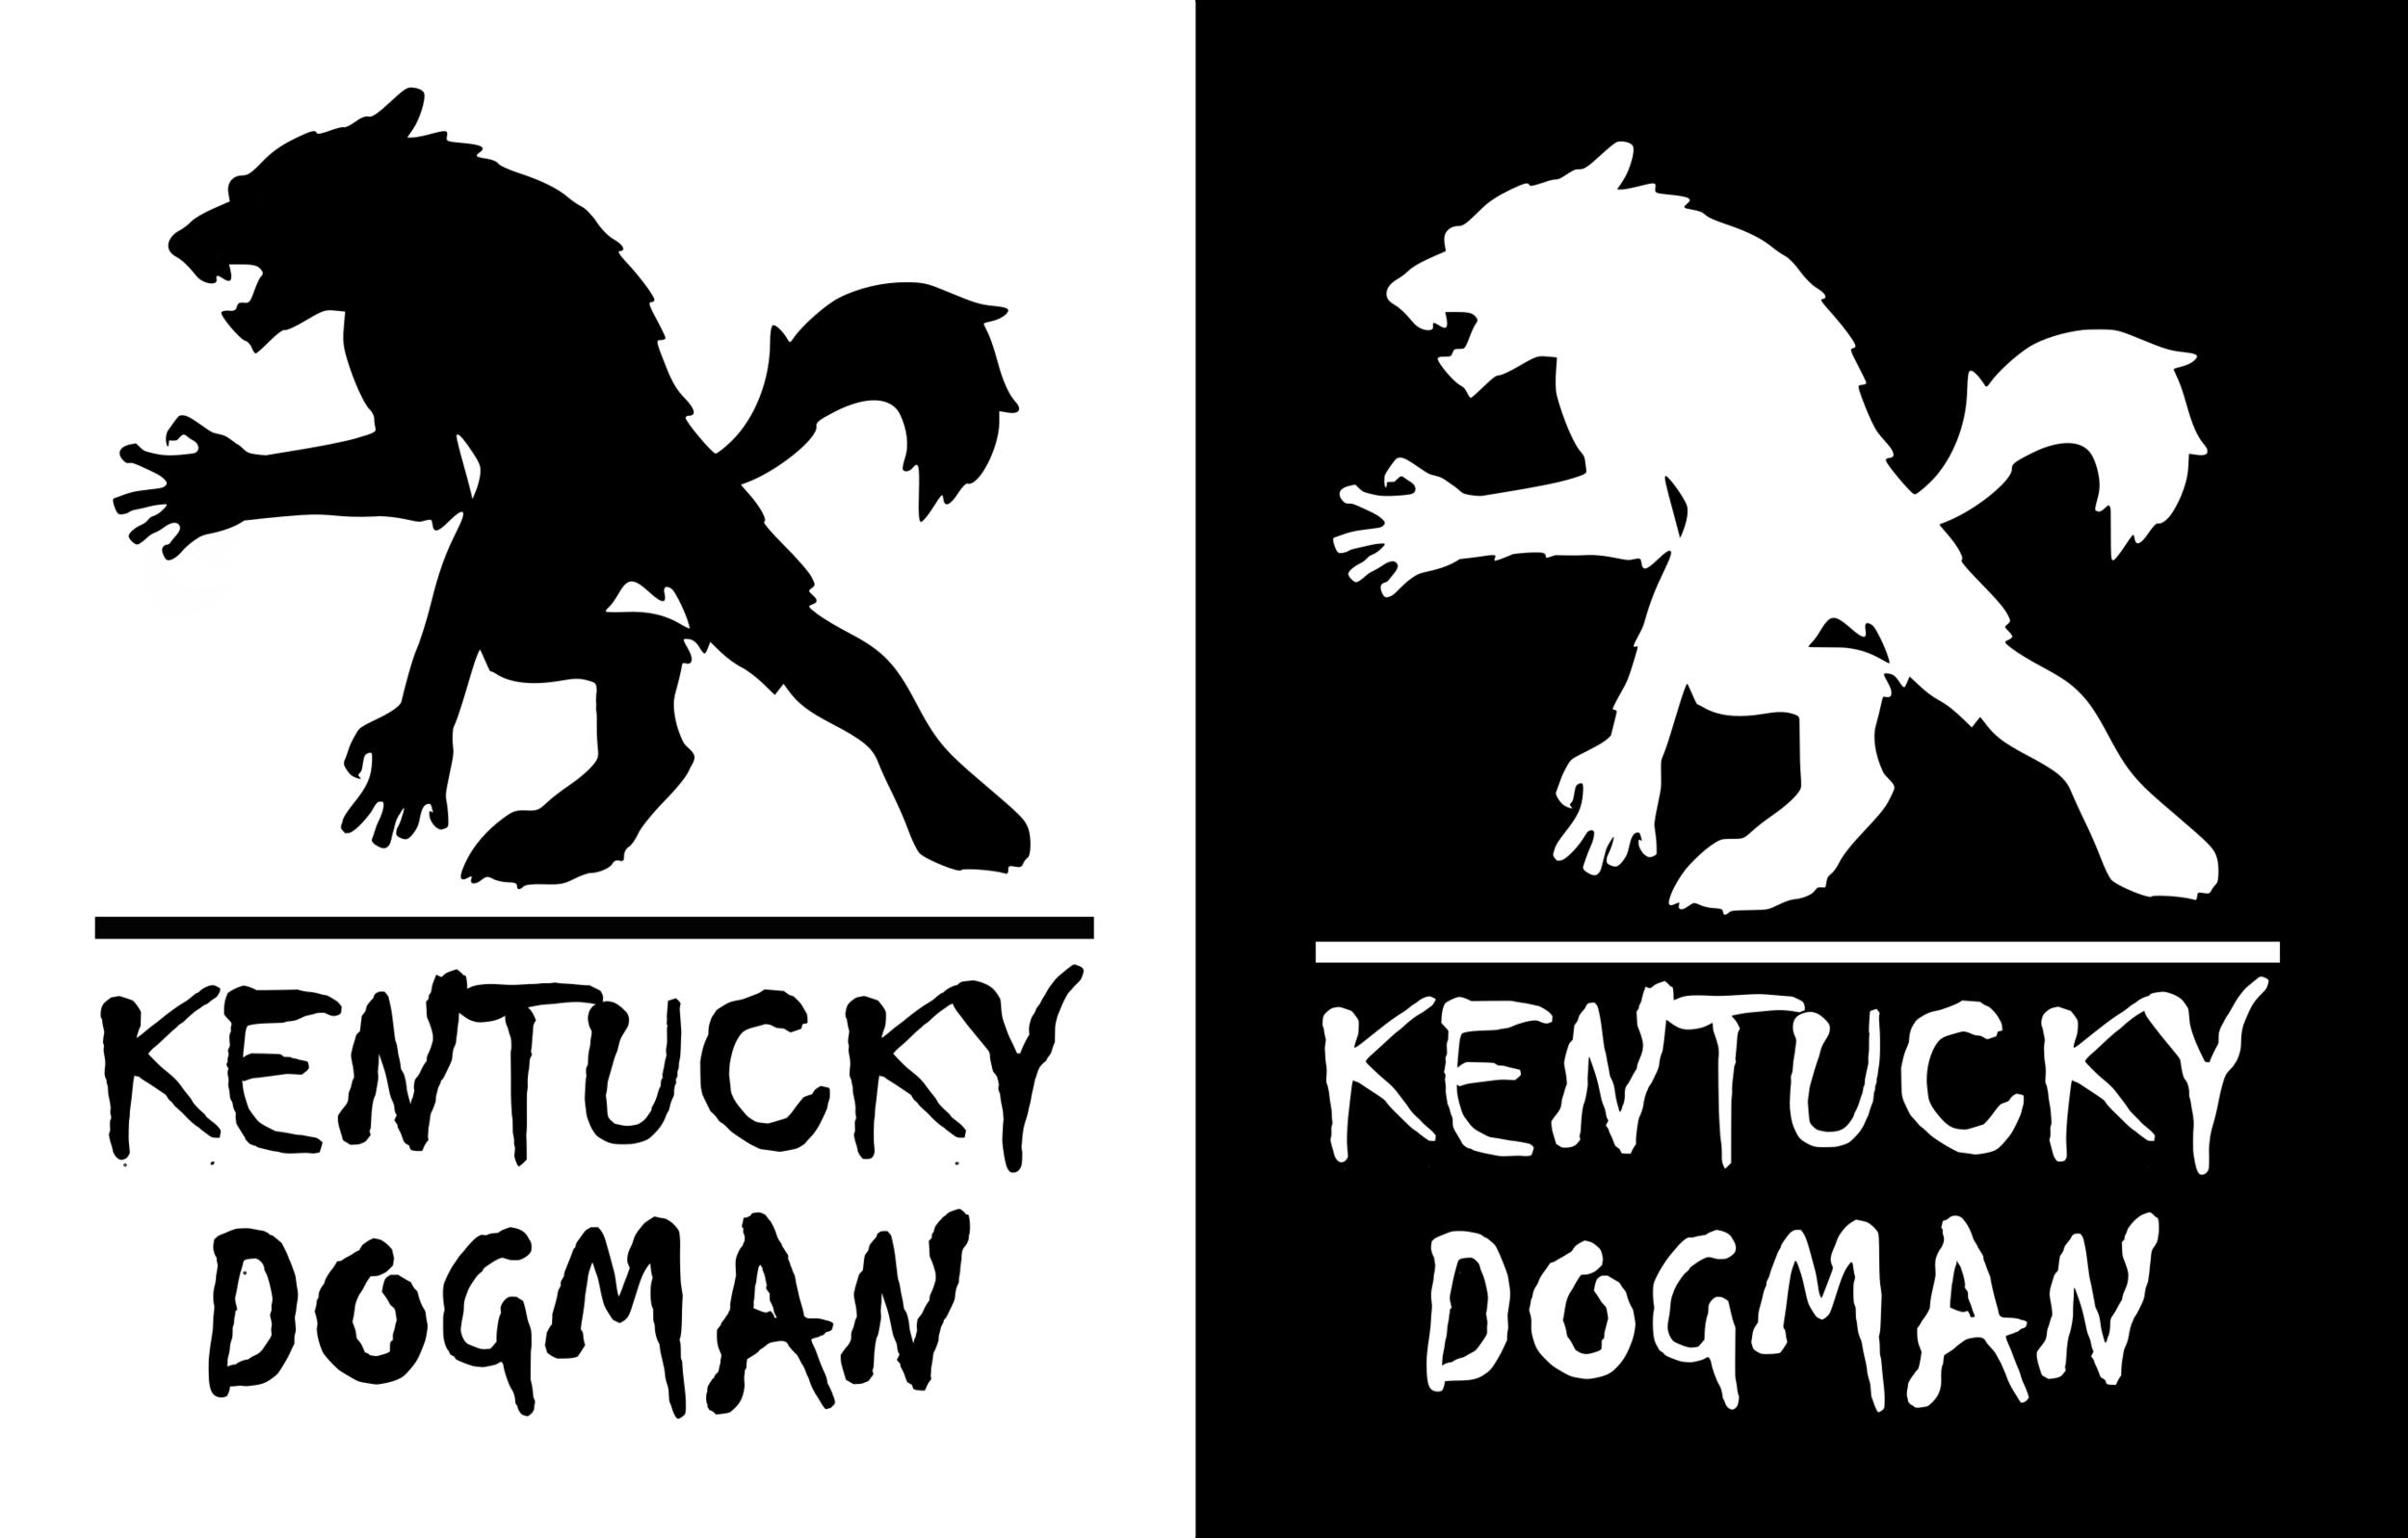 Kentucky Dogman - Measures 3.5x4.5